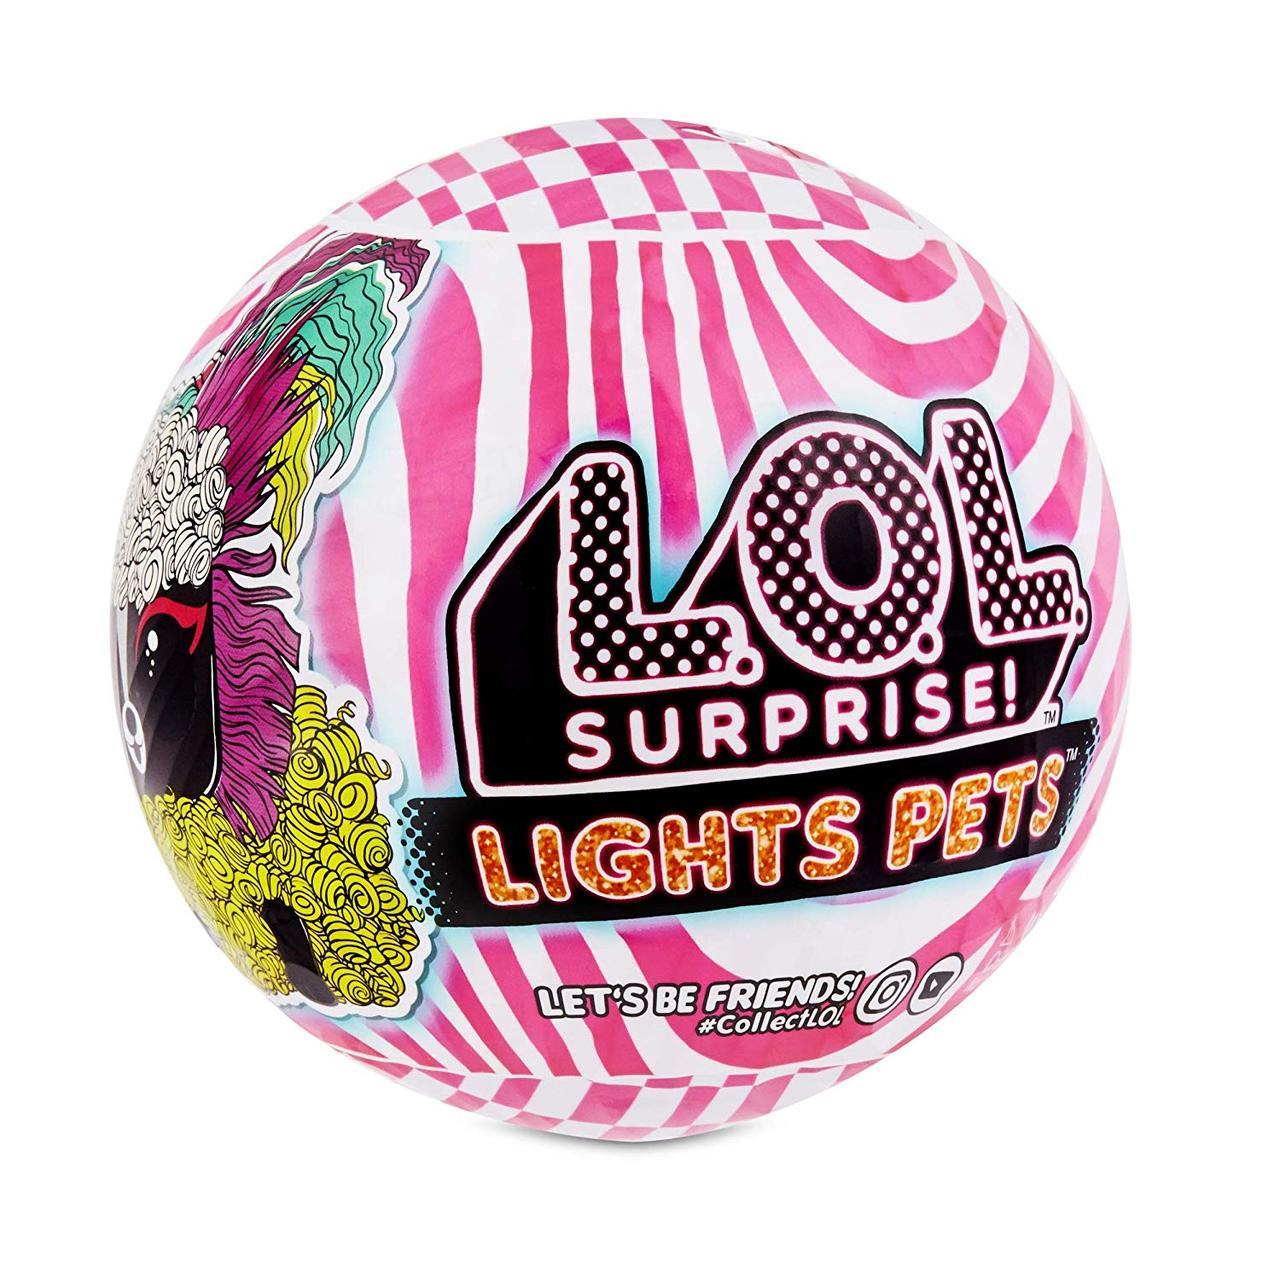 Питомец L.O.L. Surprise! Lights Pets с настоящими волосами и 9 сюрпризами, 564898 ОРИГИНАЛ